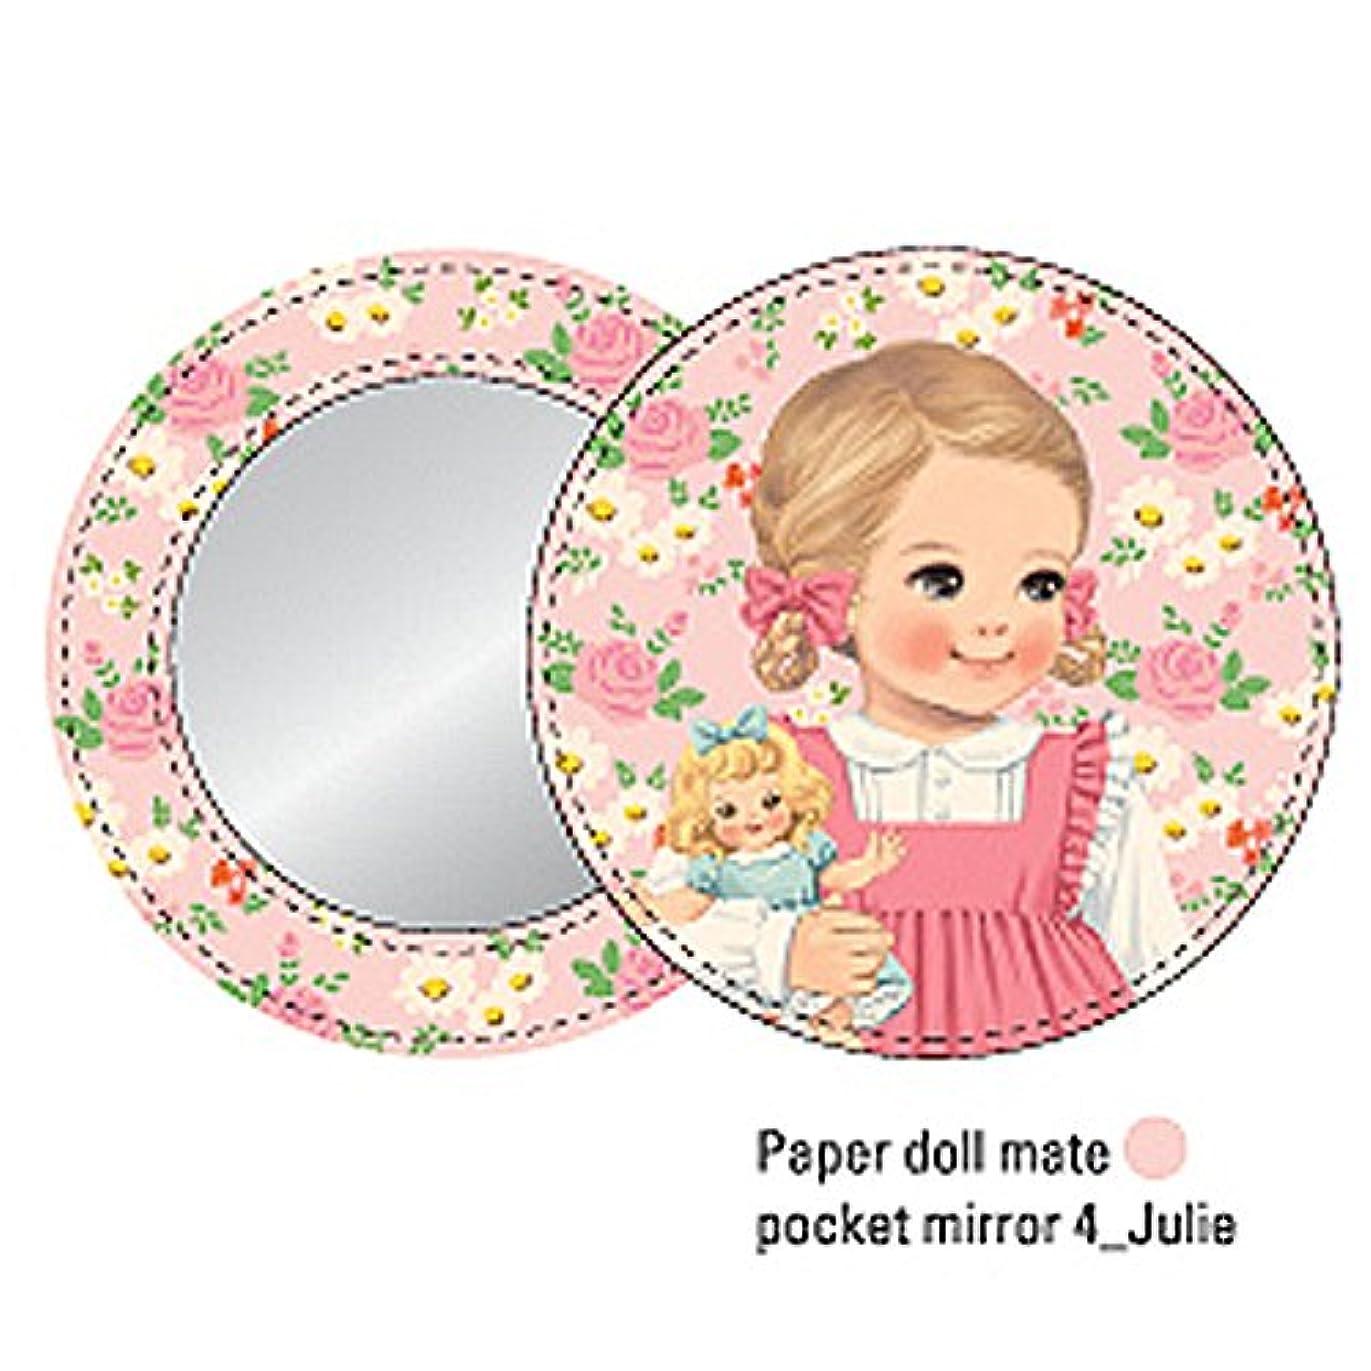 愛人暗い行き当たりばったりペーパードールメイト/丸くて可愛いポケットミラー (ver4-Julie)